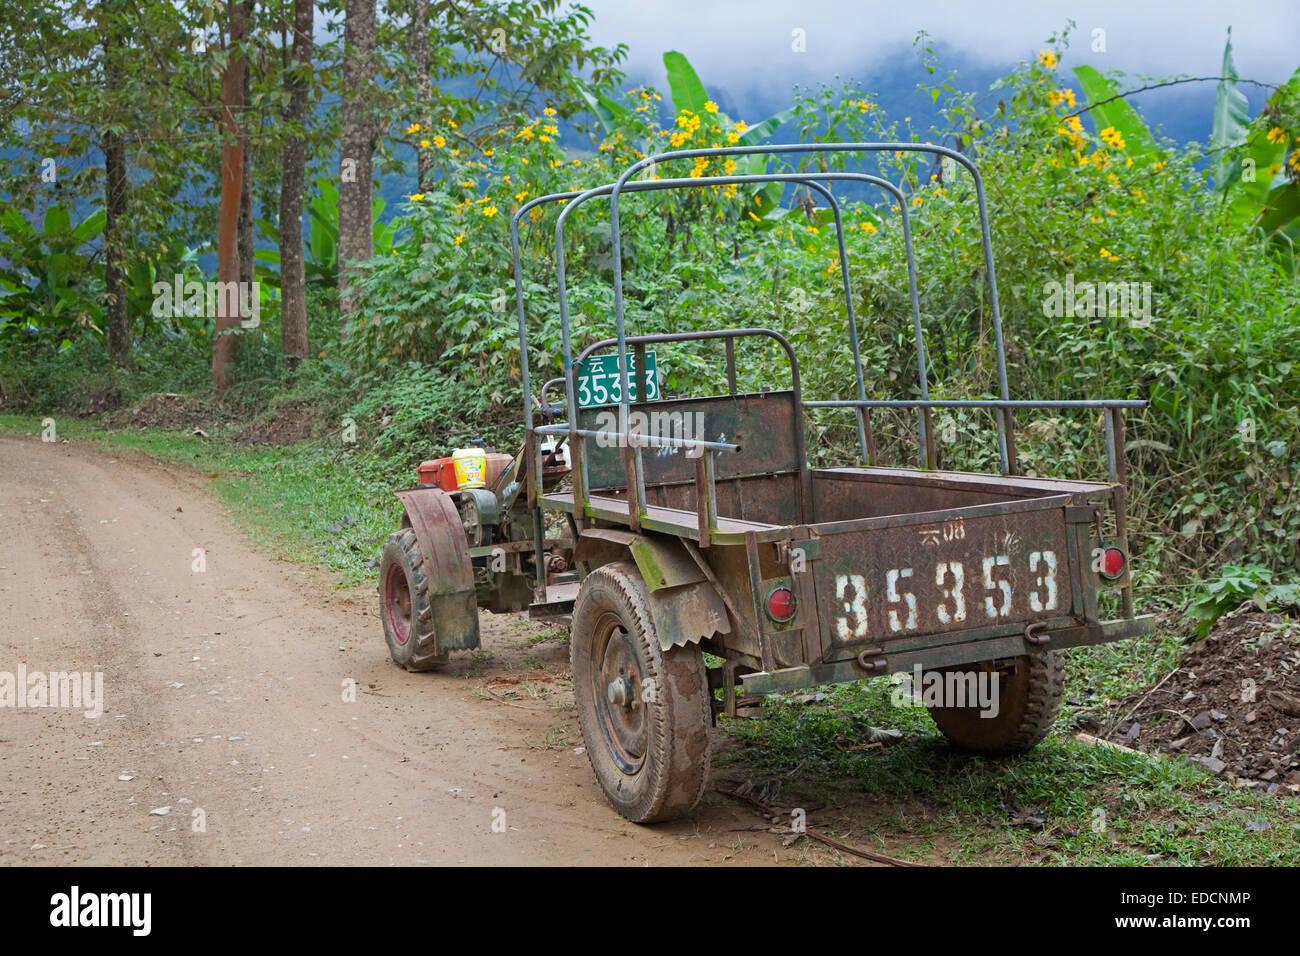 Typische chinesische Zweirad-Traktor mit Anhänger in der Provinz Yunnan, China Stockbild